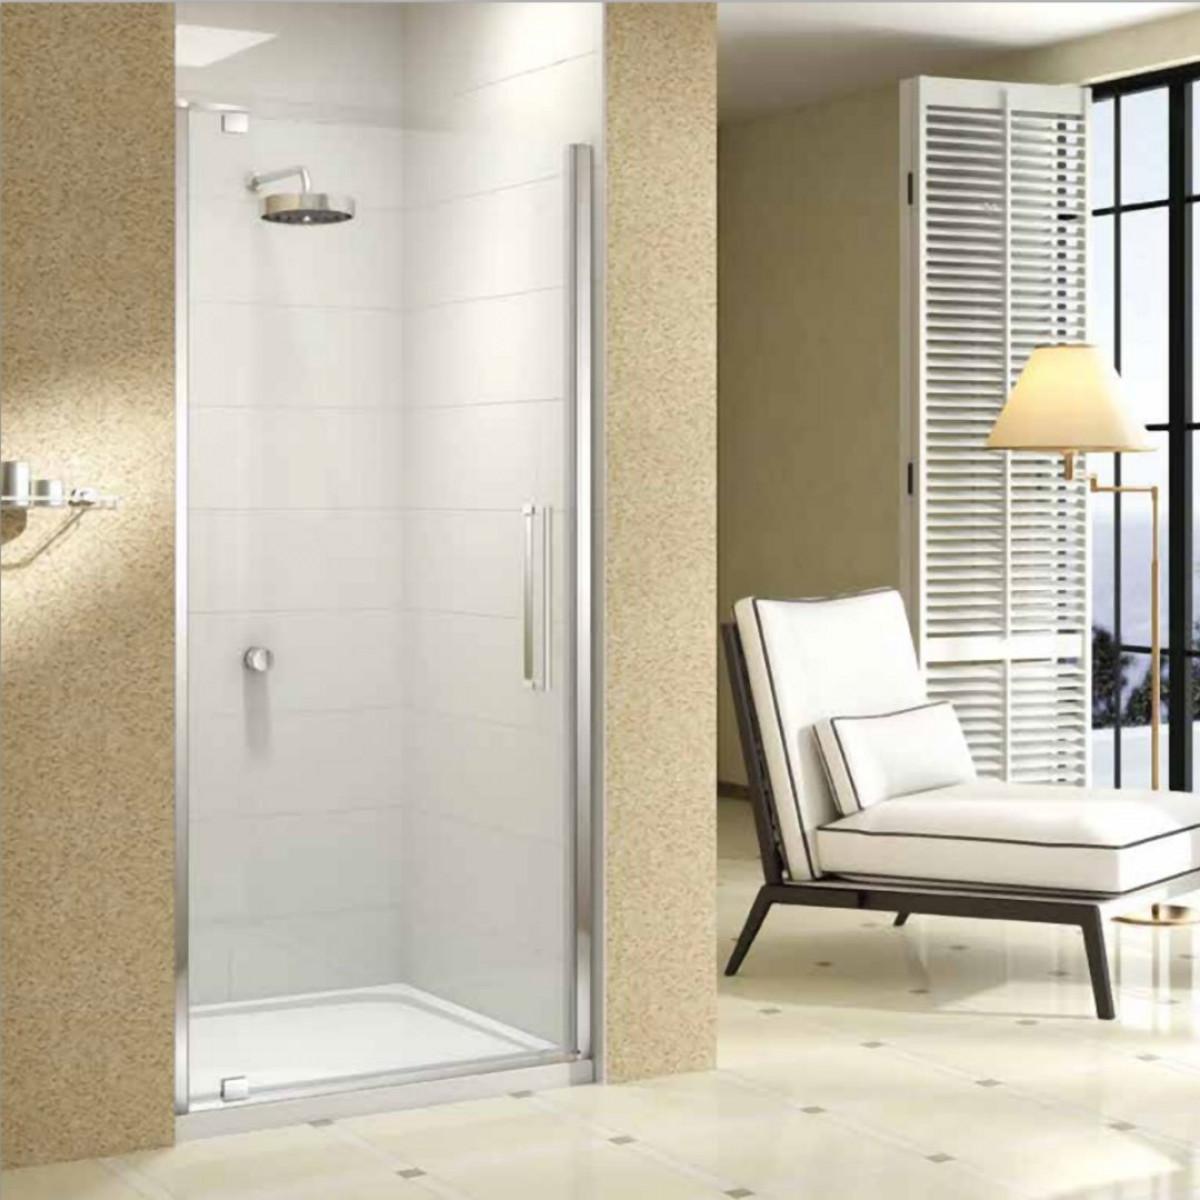 Merlyn 10 series 1000mm pivot shower door for 1000 pivot shower door